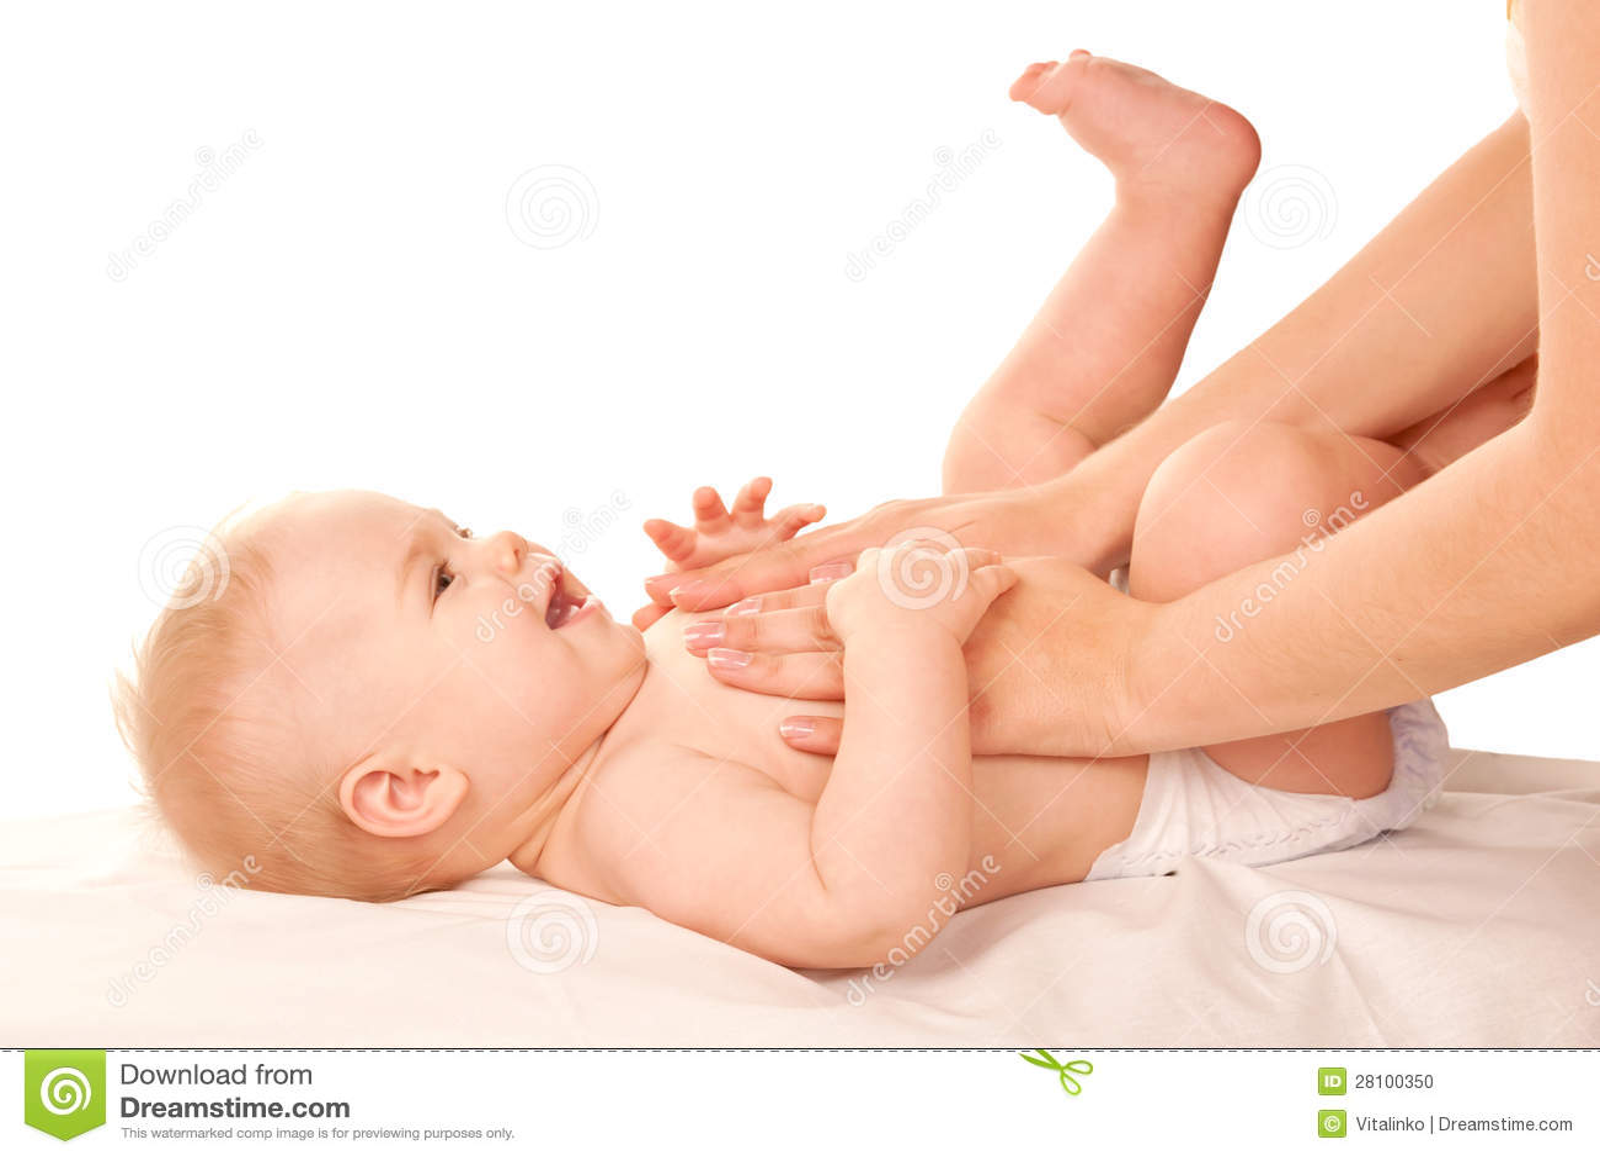 Massagem do bebê.